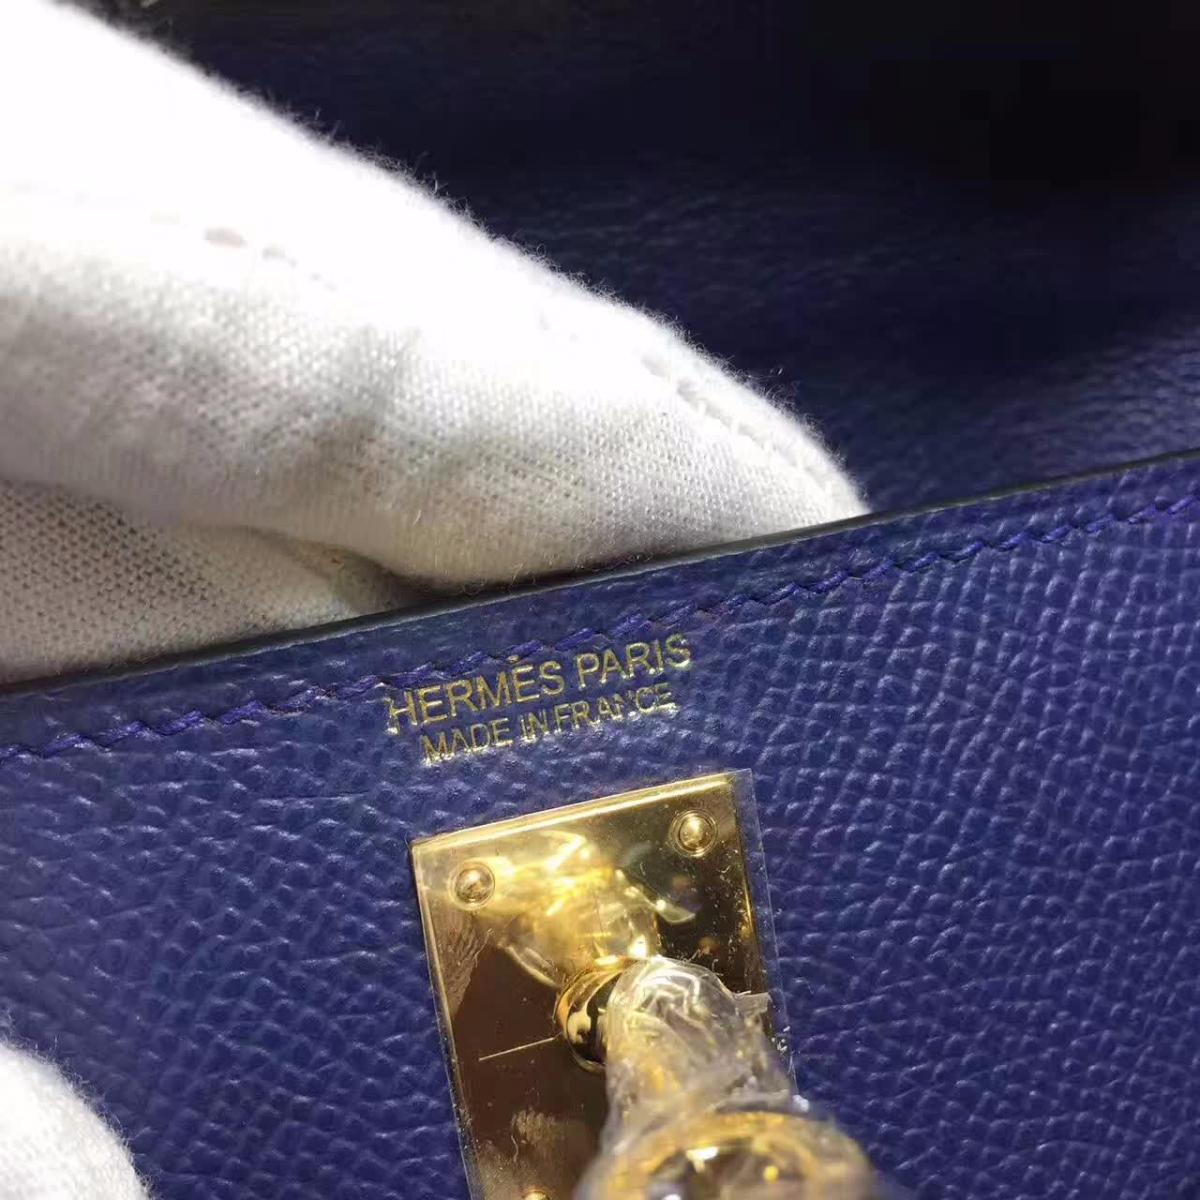 Hermes Mini Bag hhem580_4